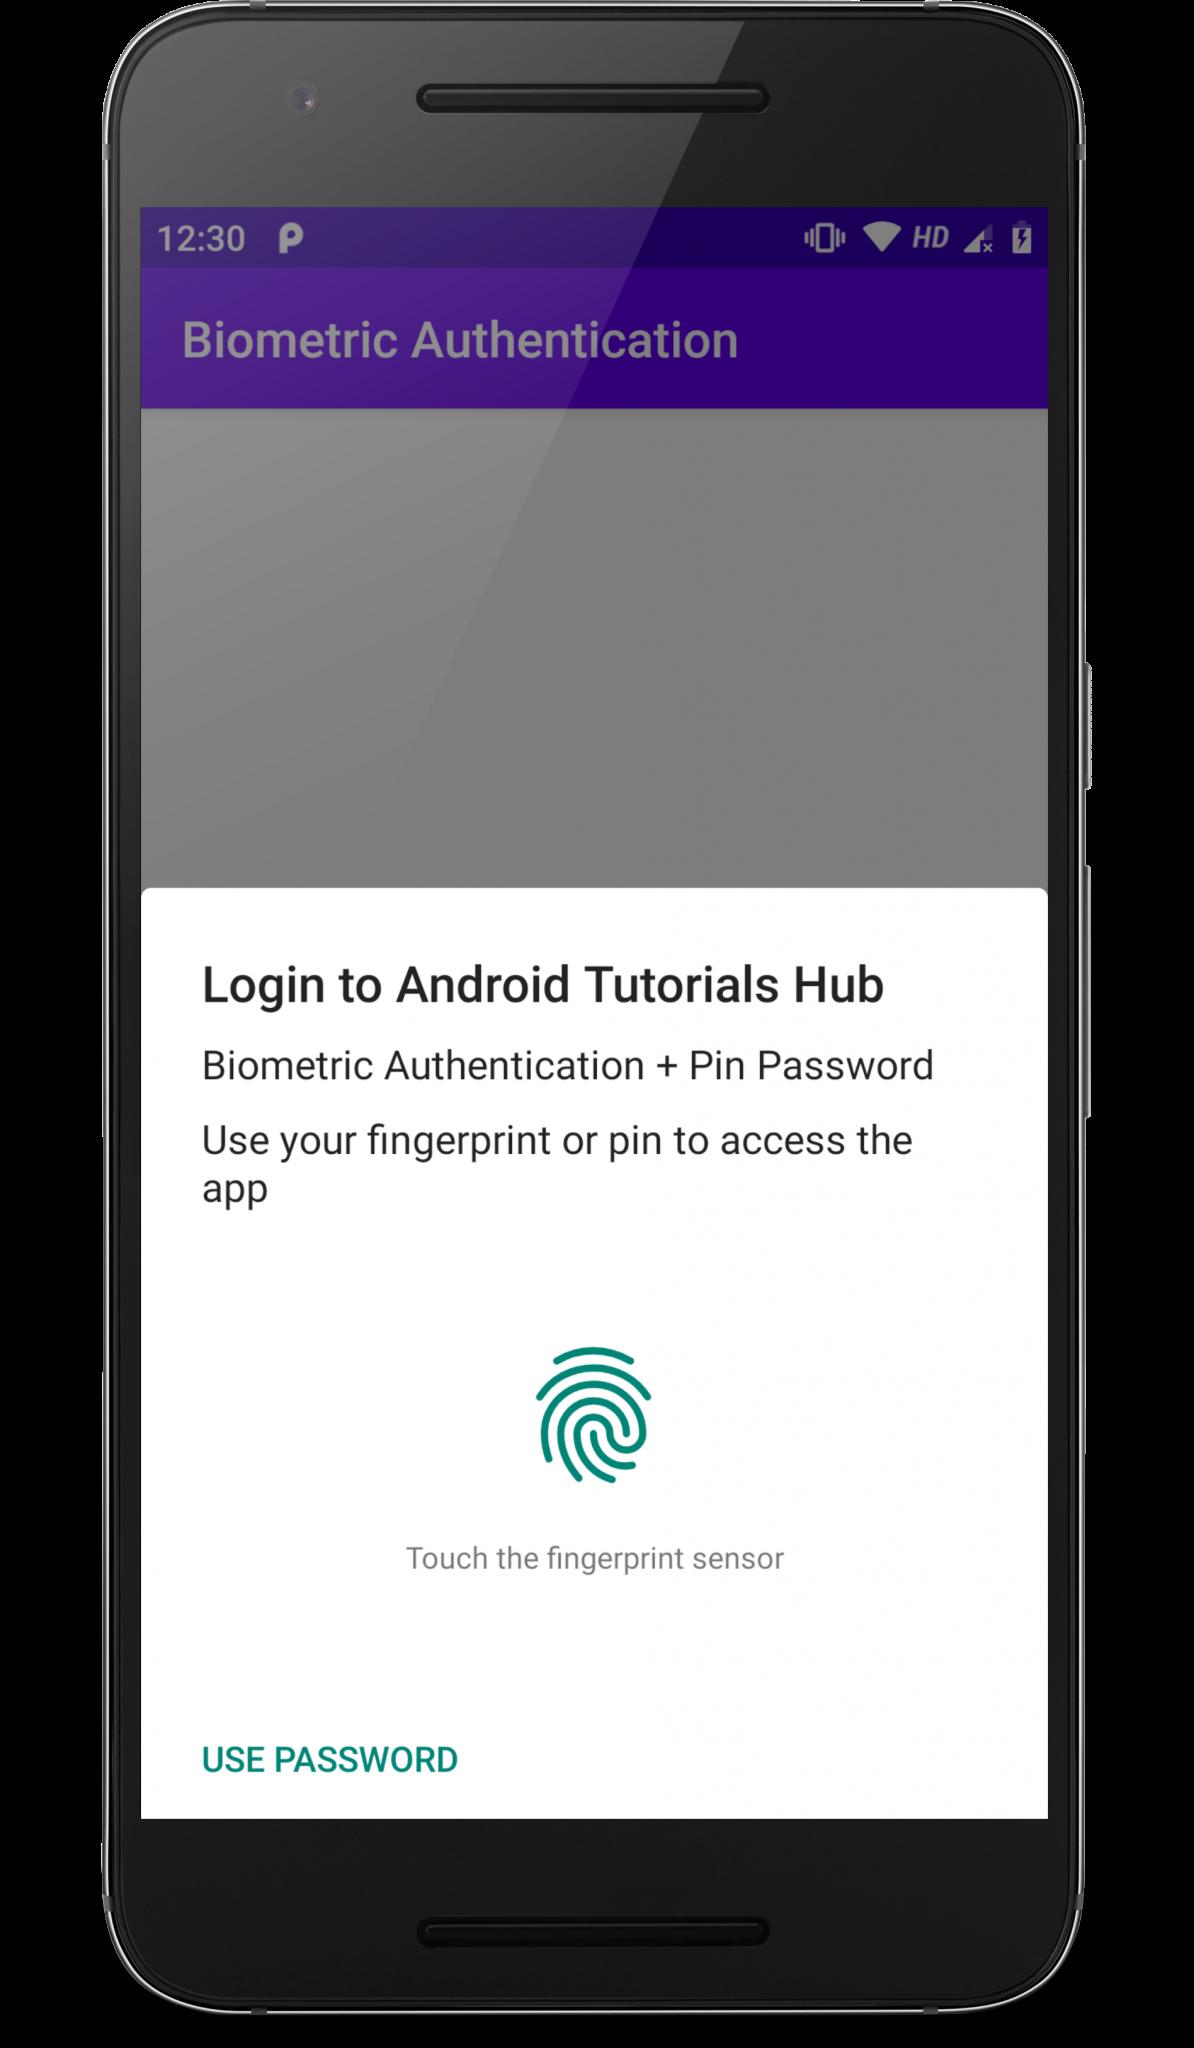 Fingerprint + PIN Authentication